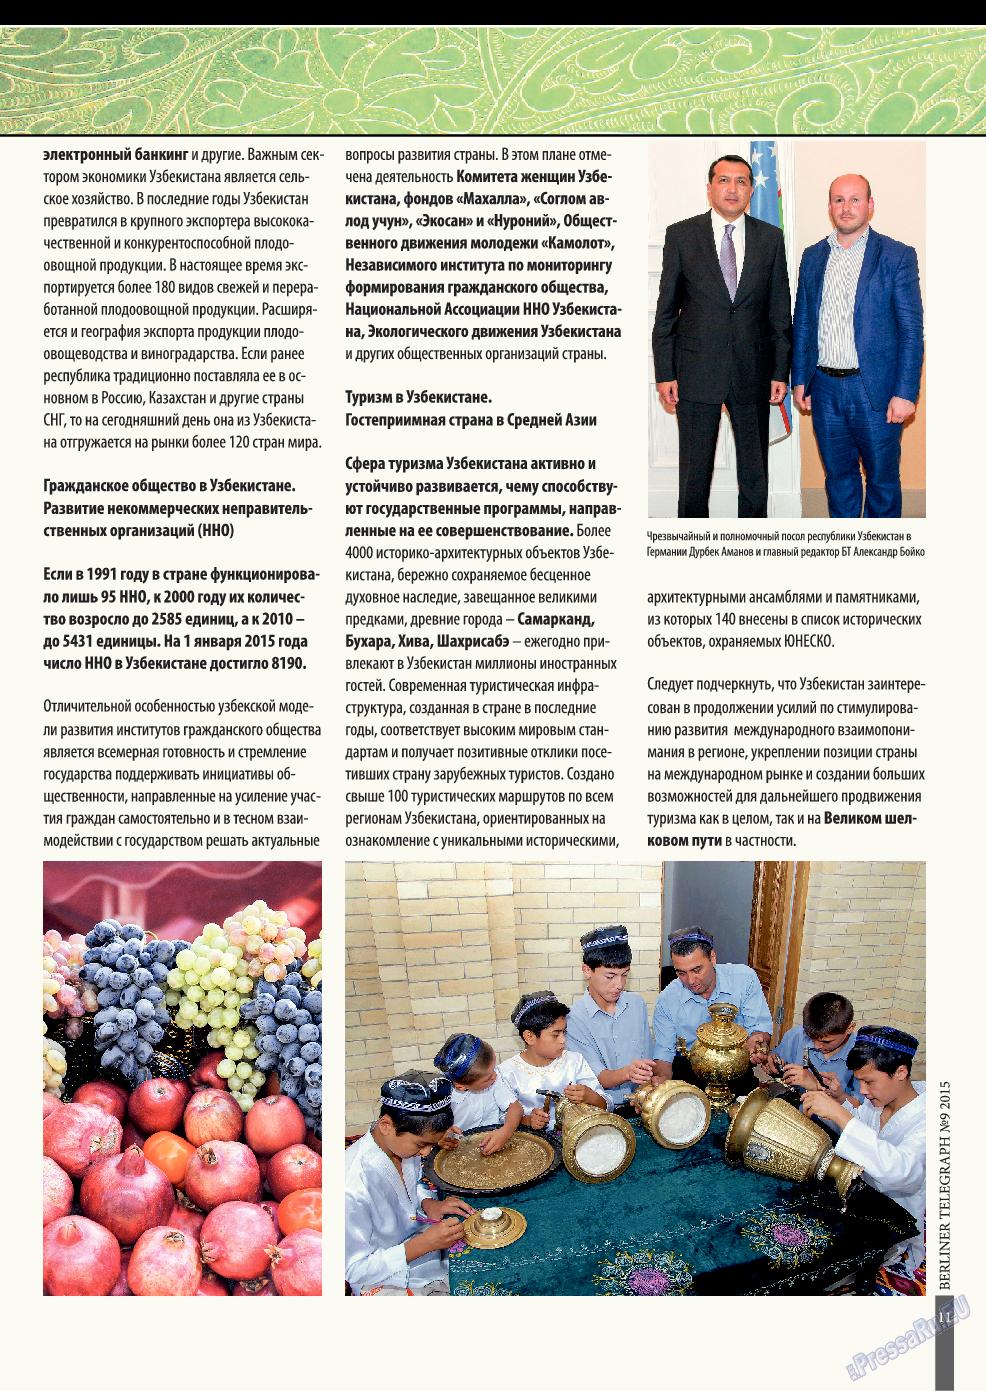 Берлинский телеграф (журнал). 2015 год, номер 10, стр. 11